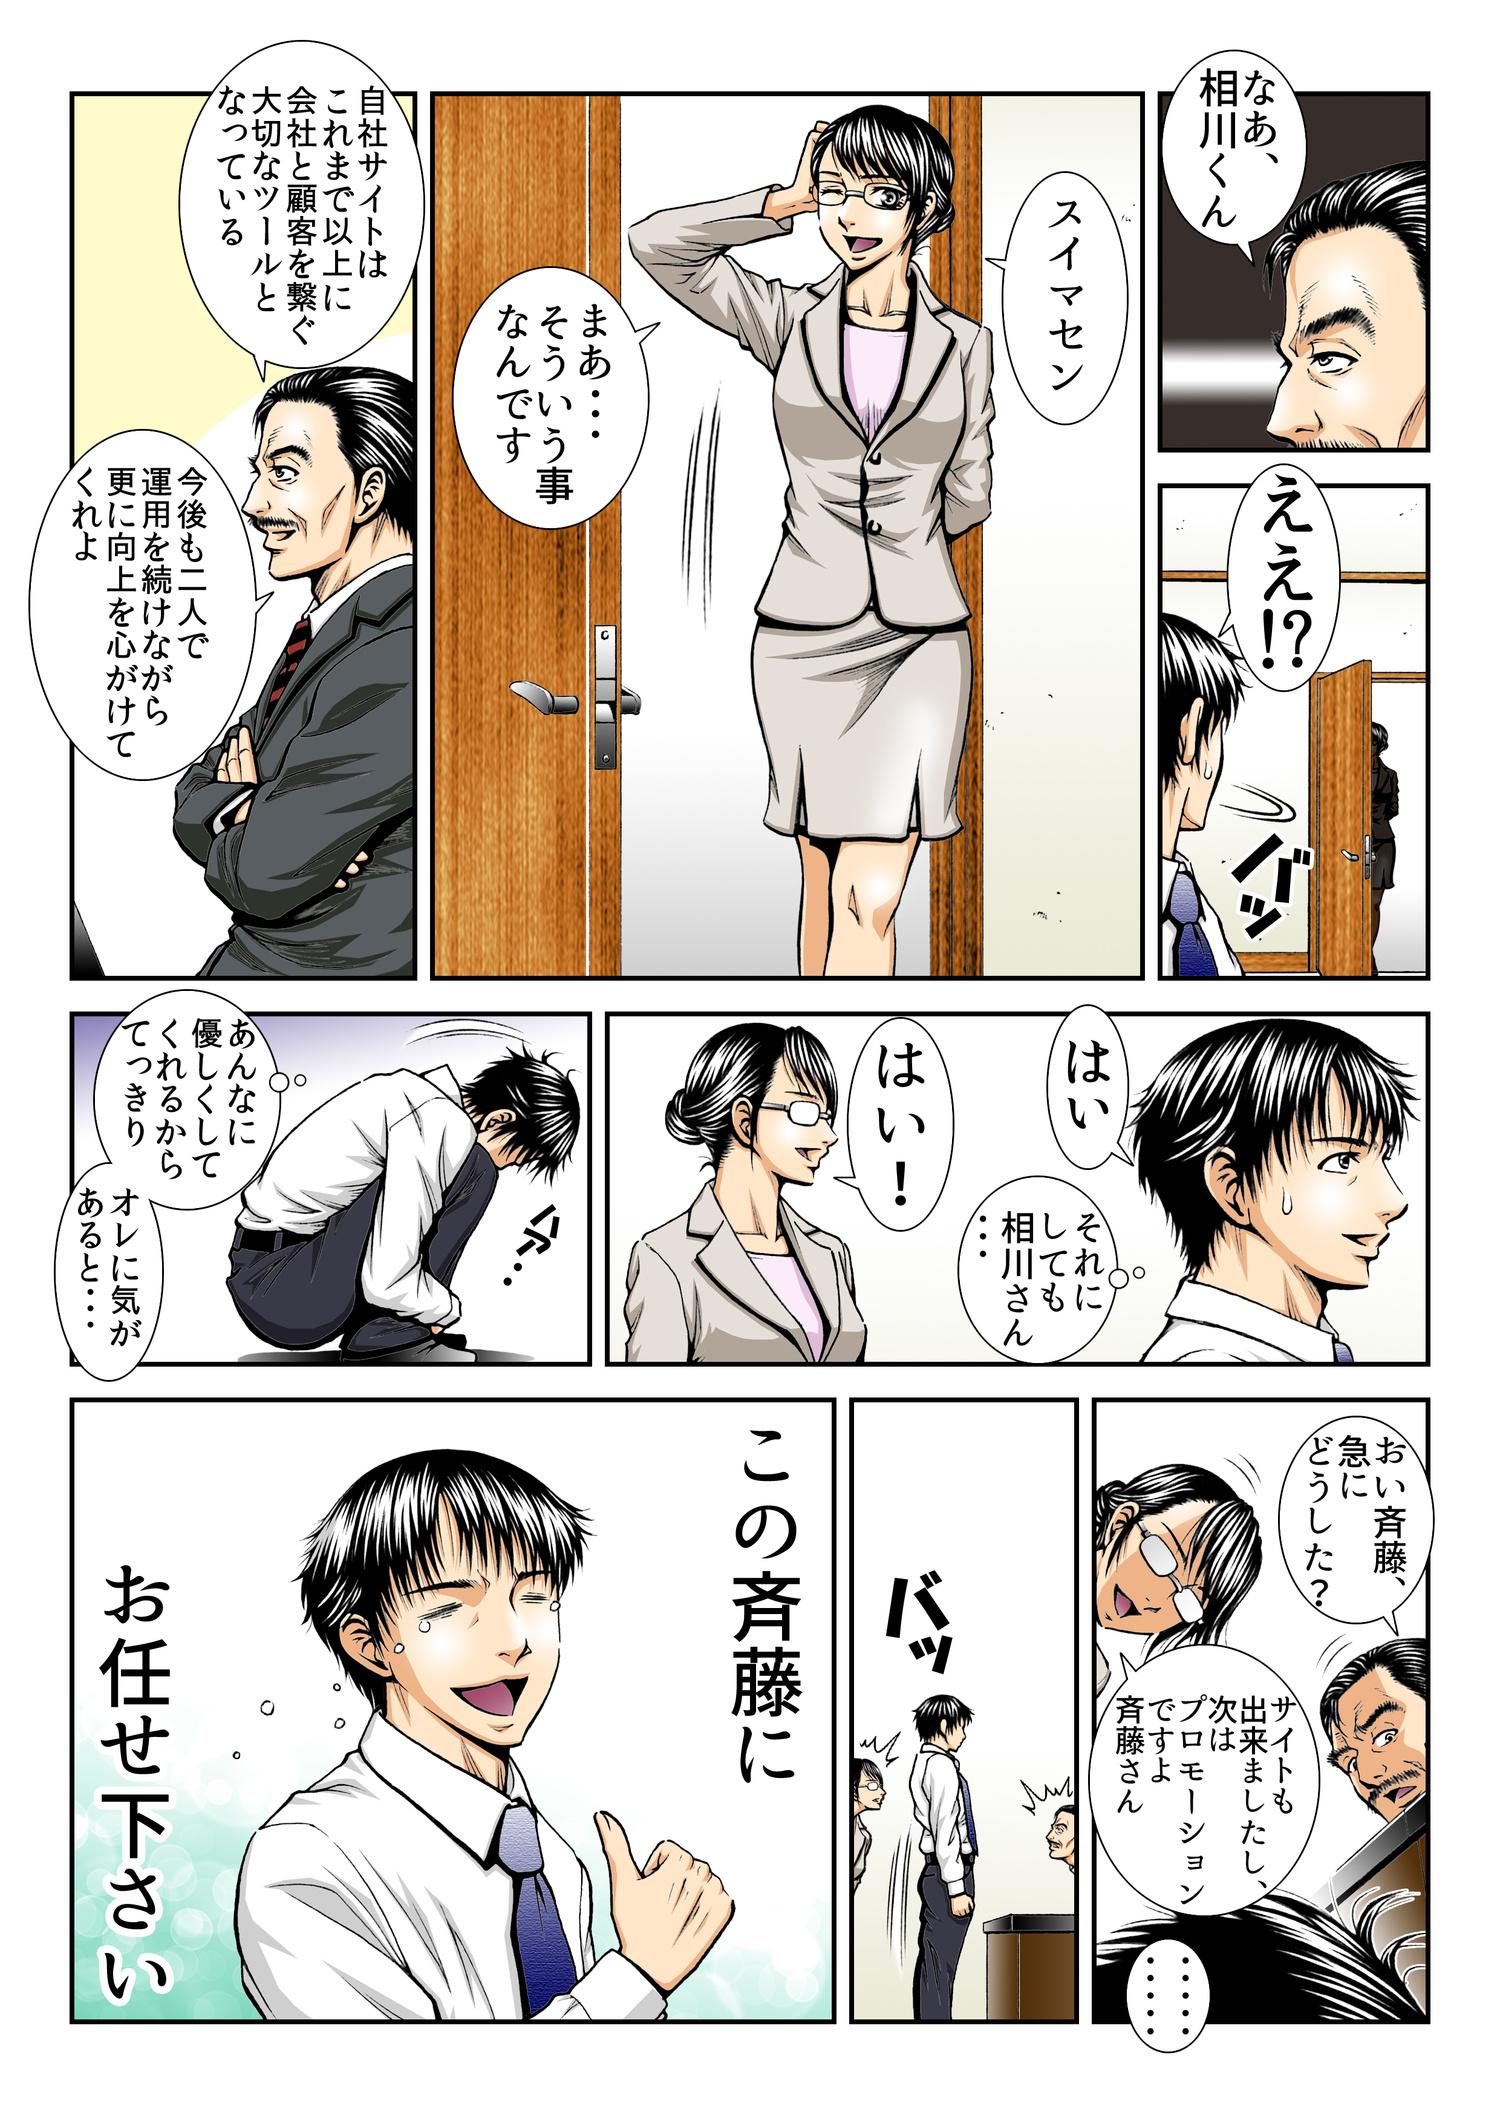 今後も相川さんと協力して改善運用を社長から命じられる斉藤さんだが、自分への好意ではなく、社長の指示で相川さんが手伝ってくれたことを聞かされ複雑な気持ちになる斉藤さん。